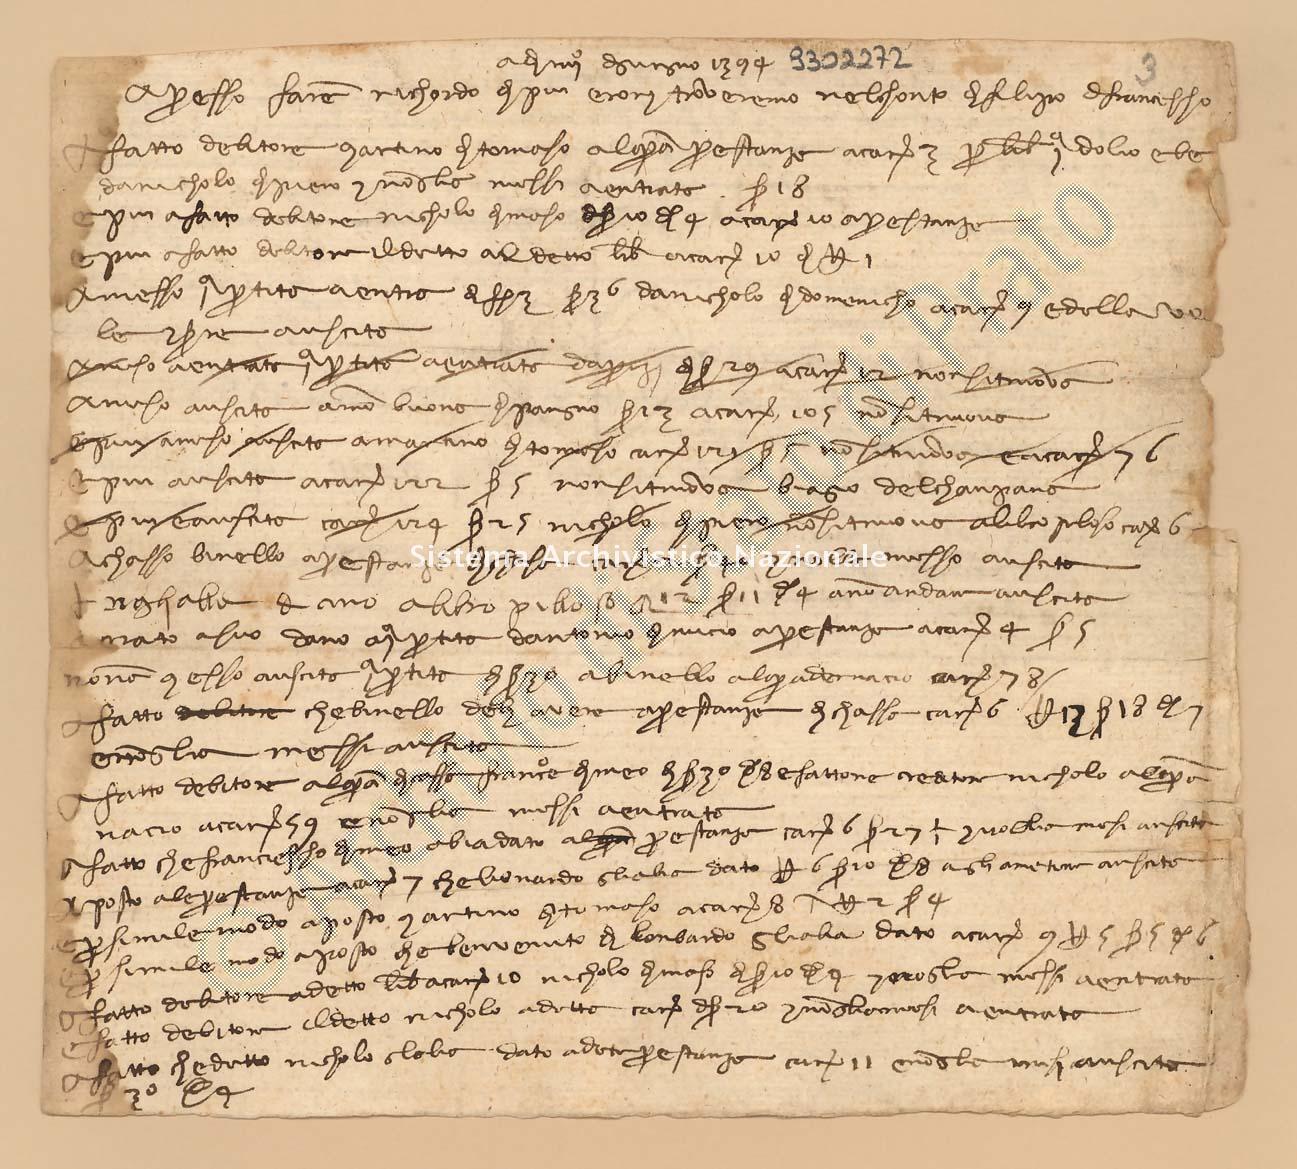 Archivio di Stato di Prato, Fondo Datini, Carteggio specializzato, Ricordanze, Busta 1166 (busta 1166, codice 9302272)